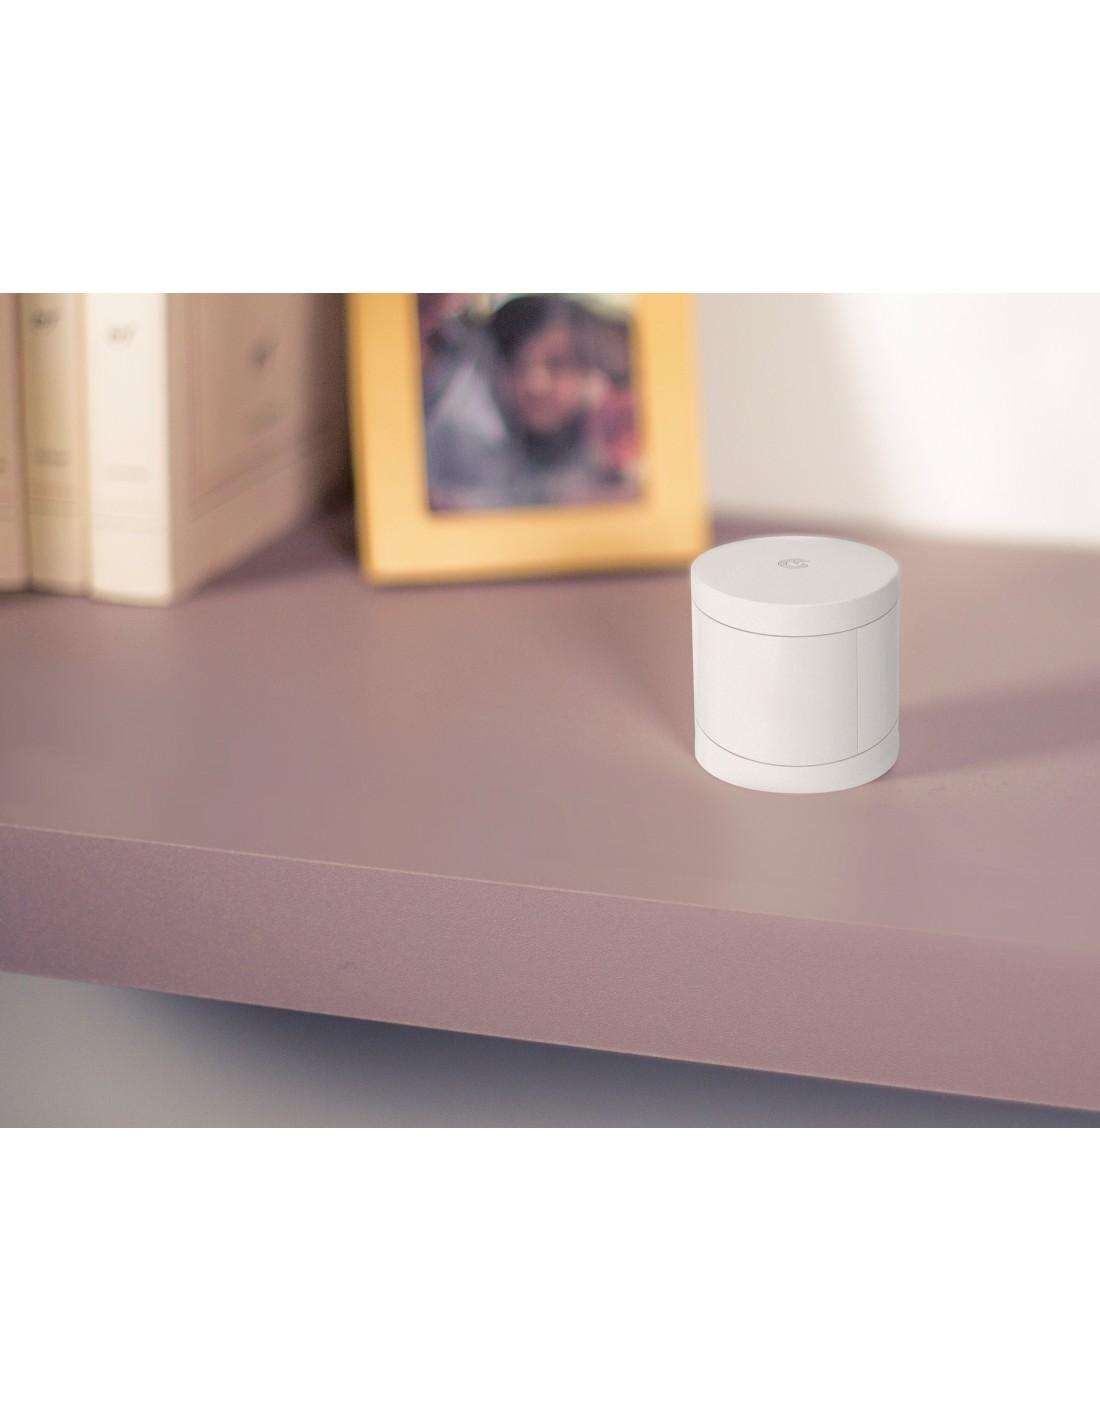 myfox rilevatore di movimento per myfox home alarm. Black Bedroom Furniture Sets. Home Design Ideas